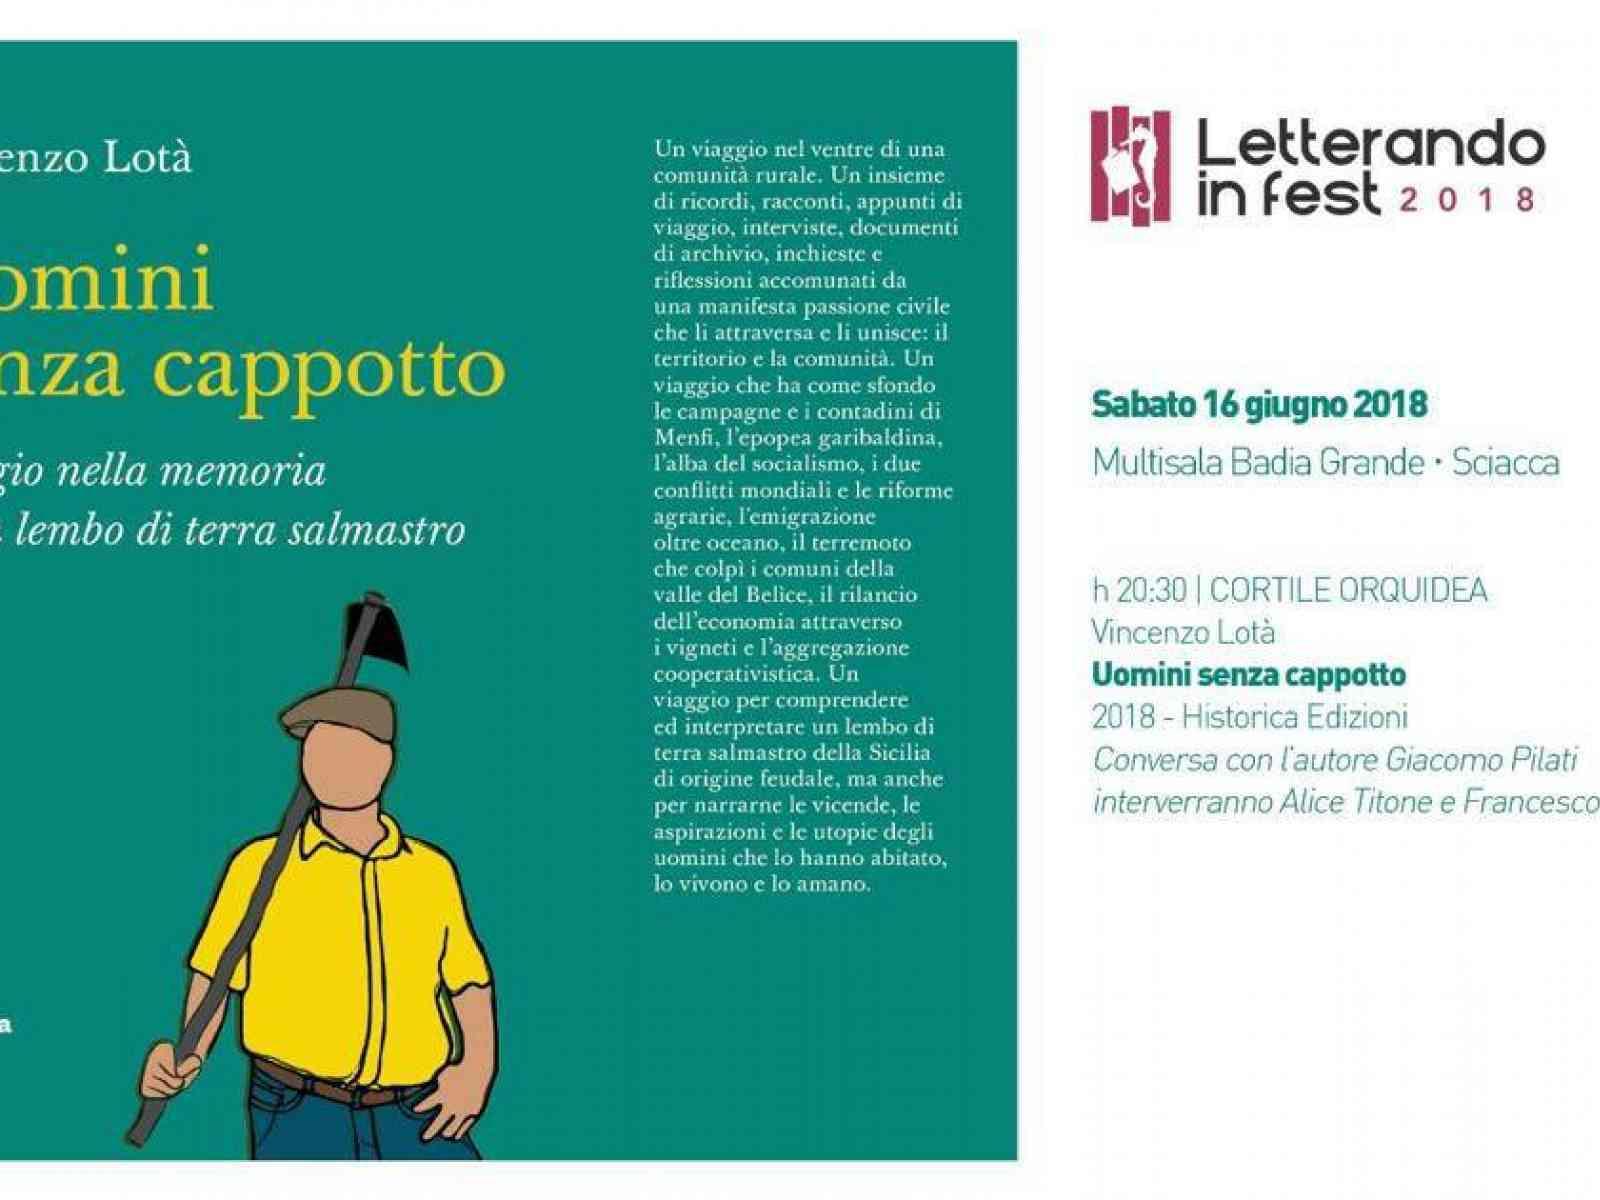 """Immagine articolo: Vincenzo Lotà presenterà domani il libro """"Uomini senza cappotto"""". Viaggio nella memoria di un lembo di terra salmastro"""